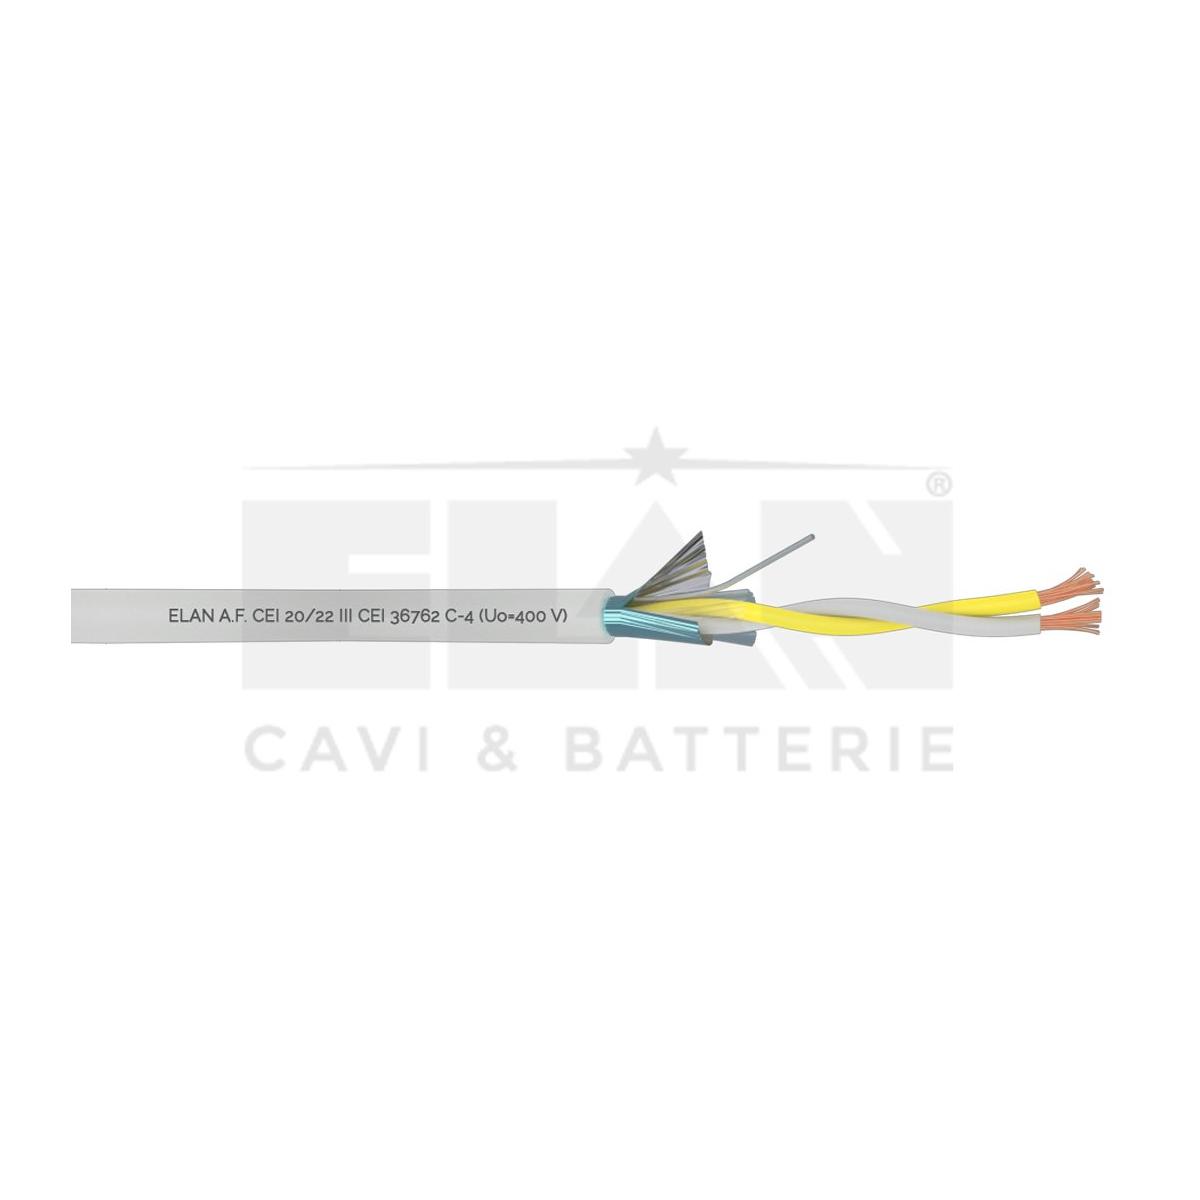 032101 -Cabo PORTEIRO PVC 2x1.0 100 Metros ELAN